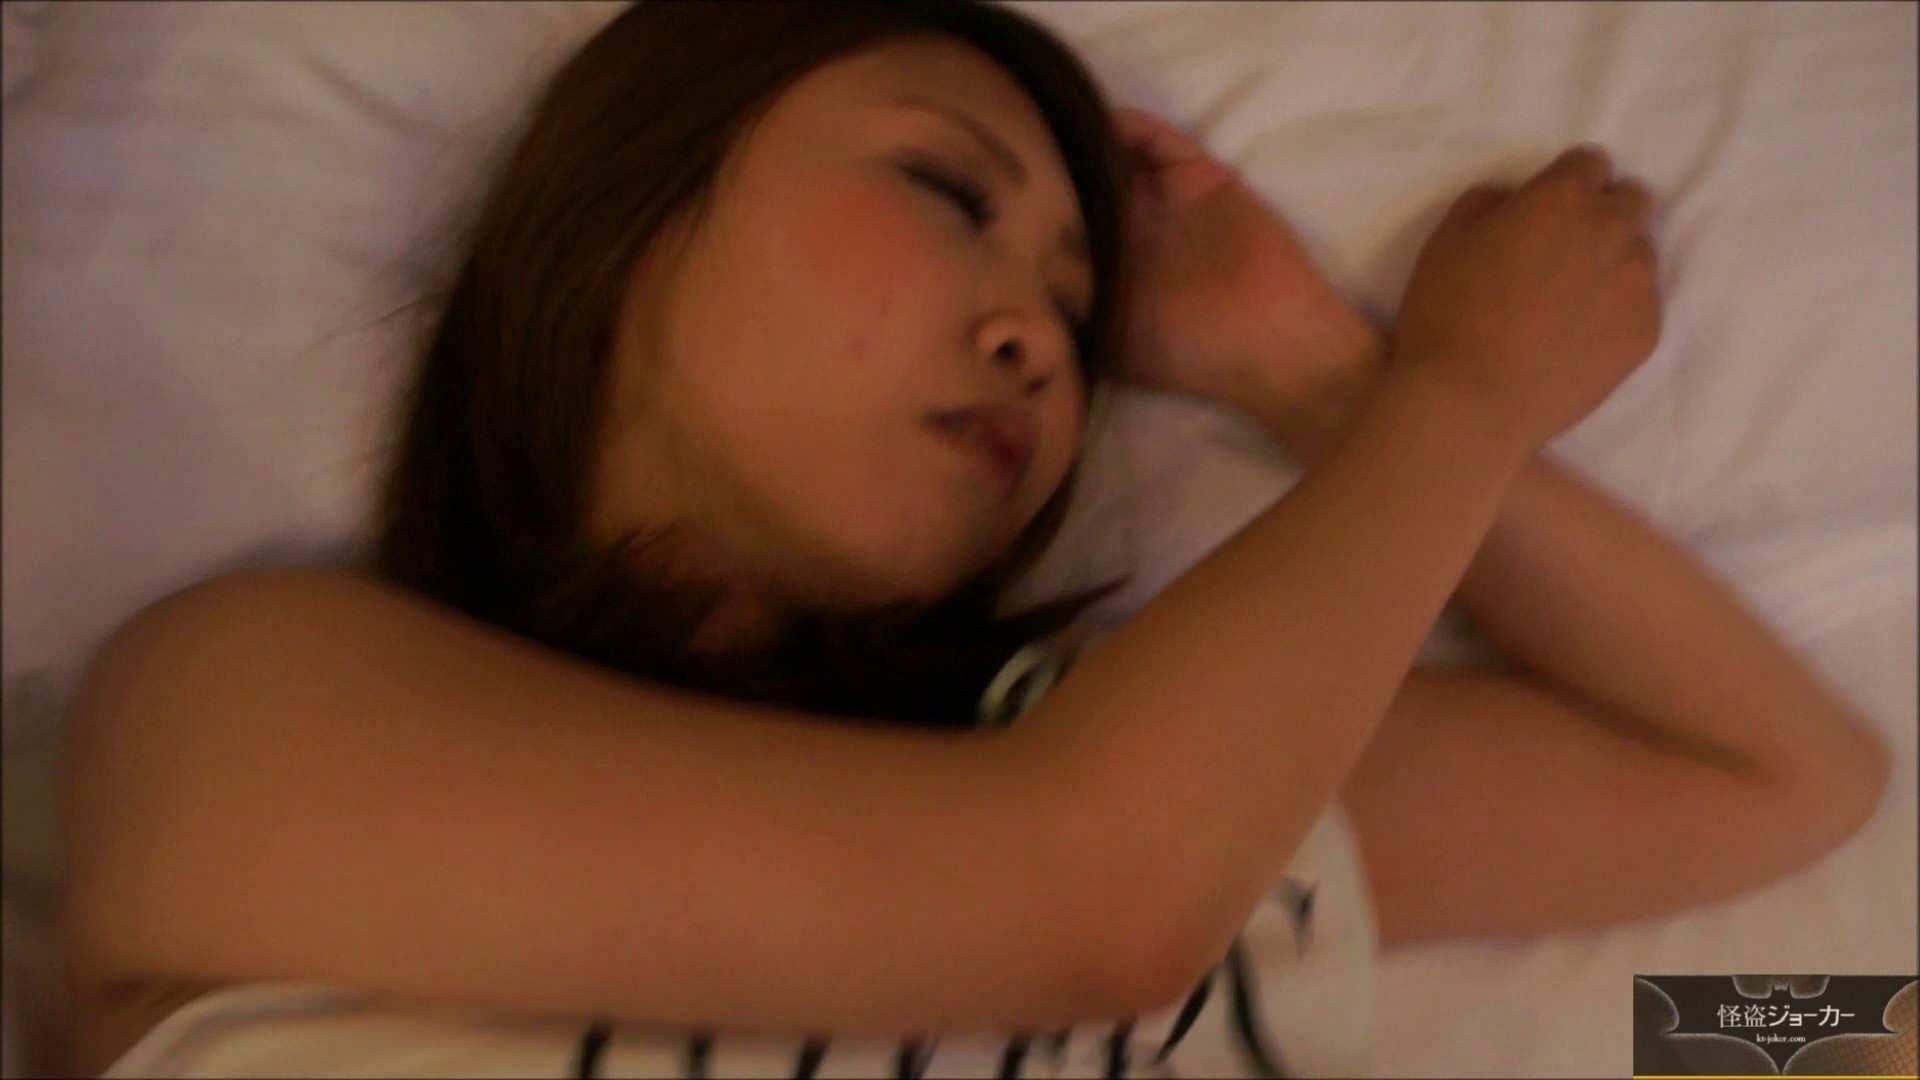 【未公開】vol.11 【美人若妻】早苗さん・・・誘われた夜。 美肌  65PIX 15